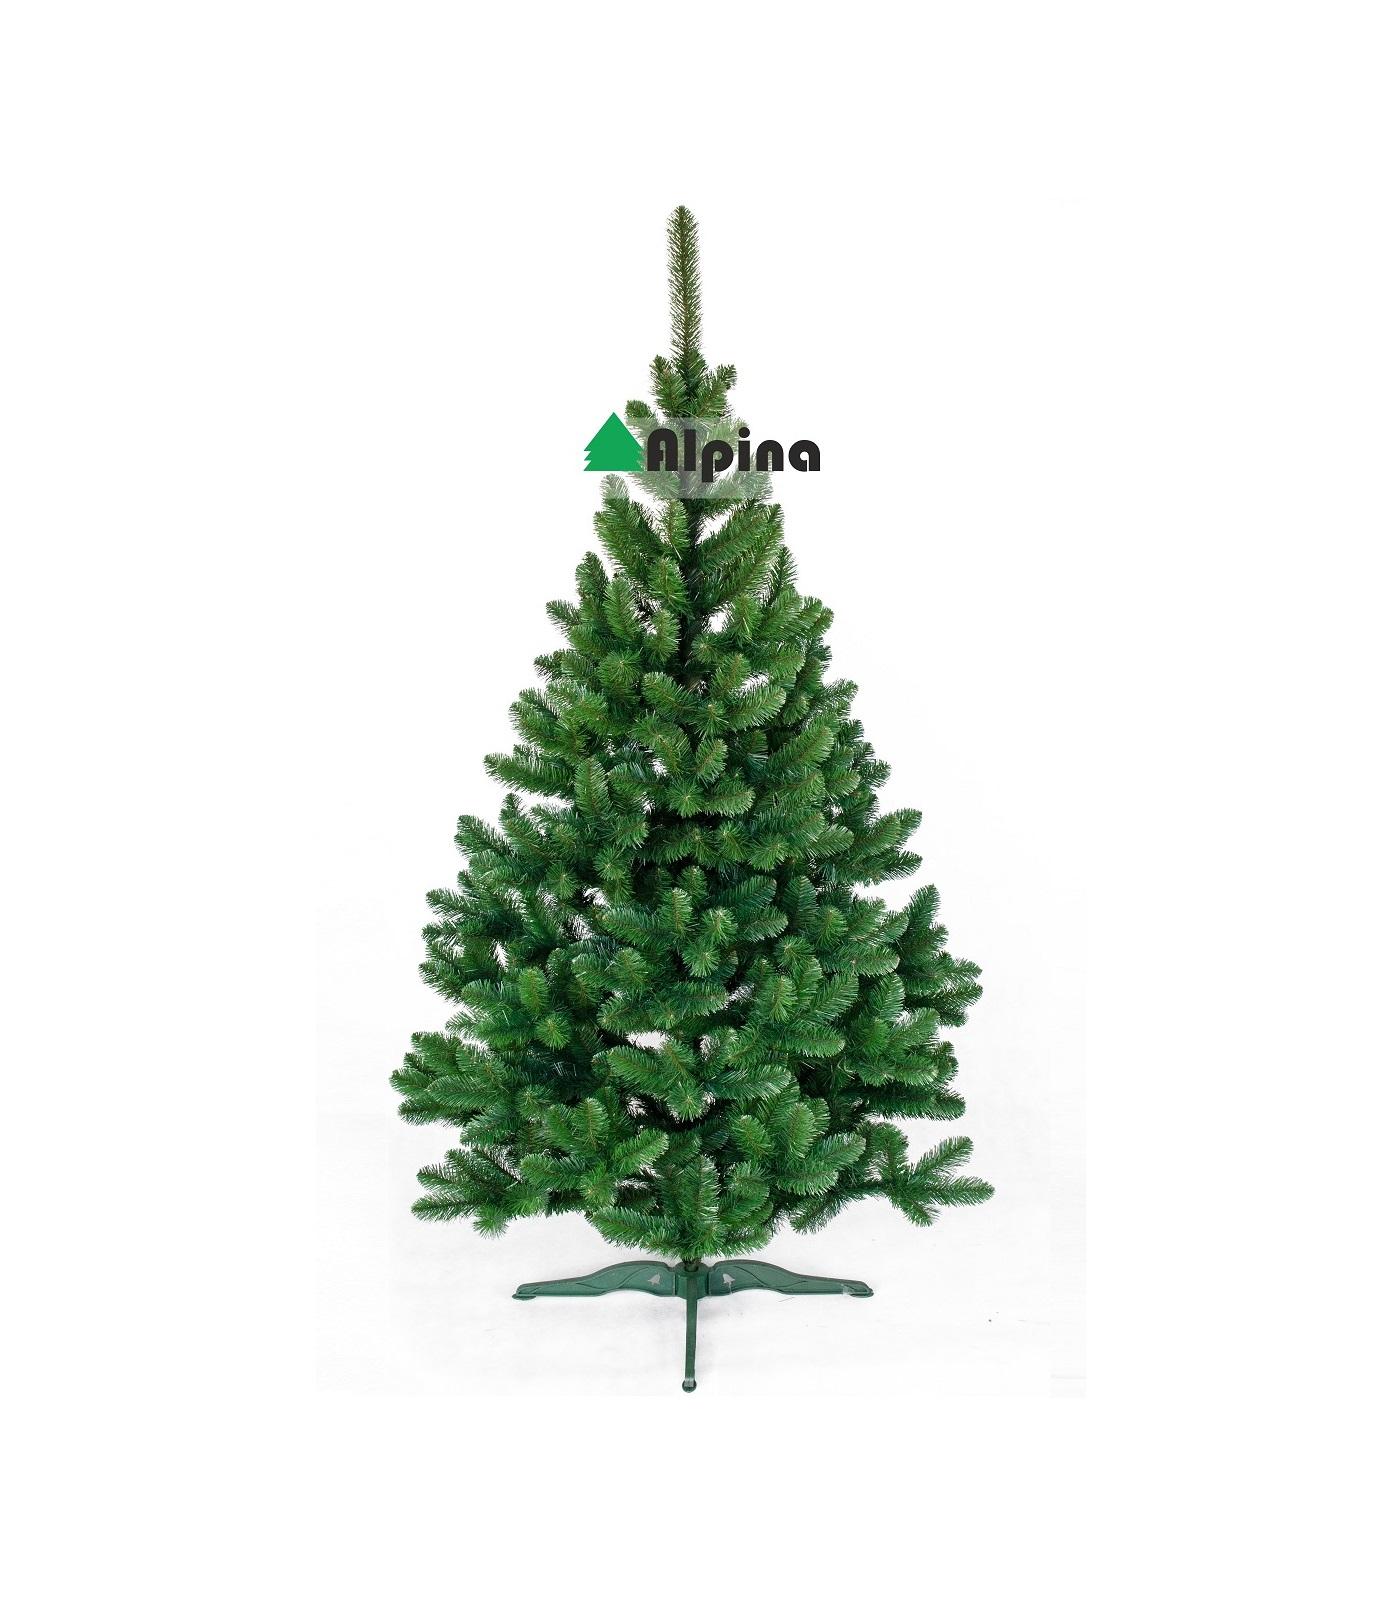 Коледна елха Alpina Ела 180см